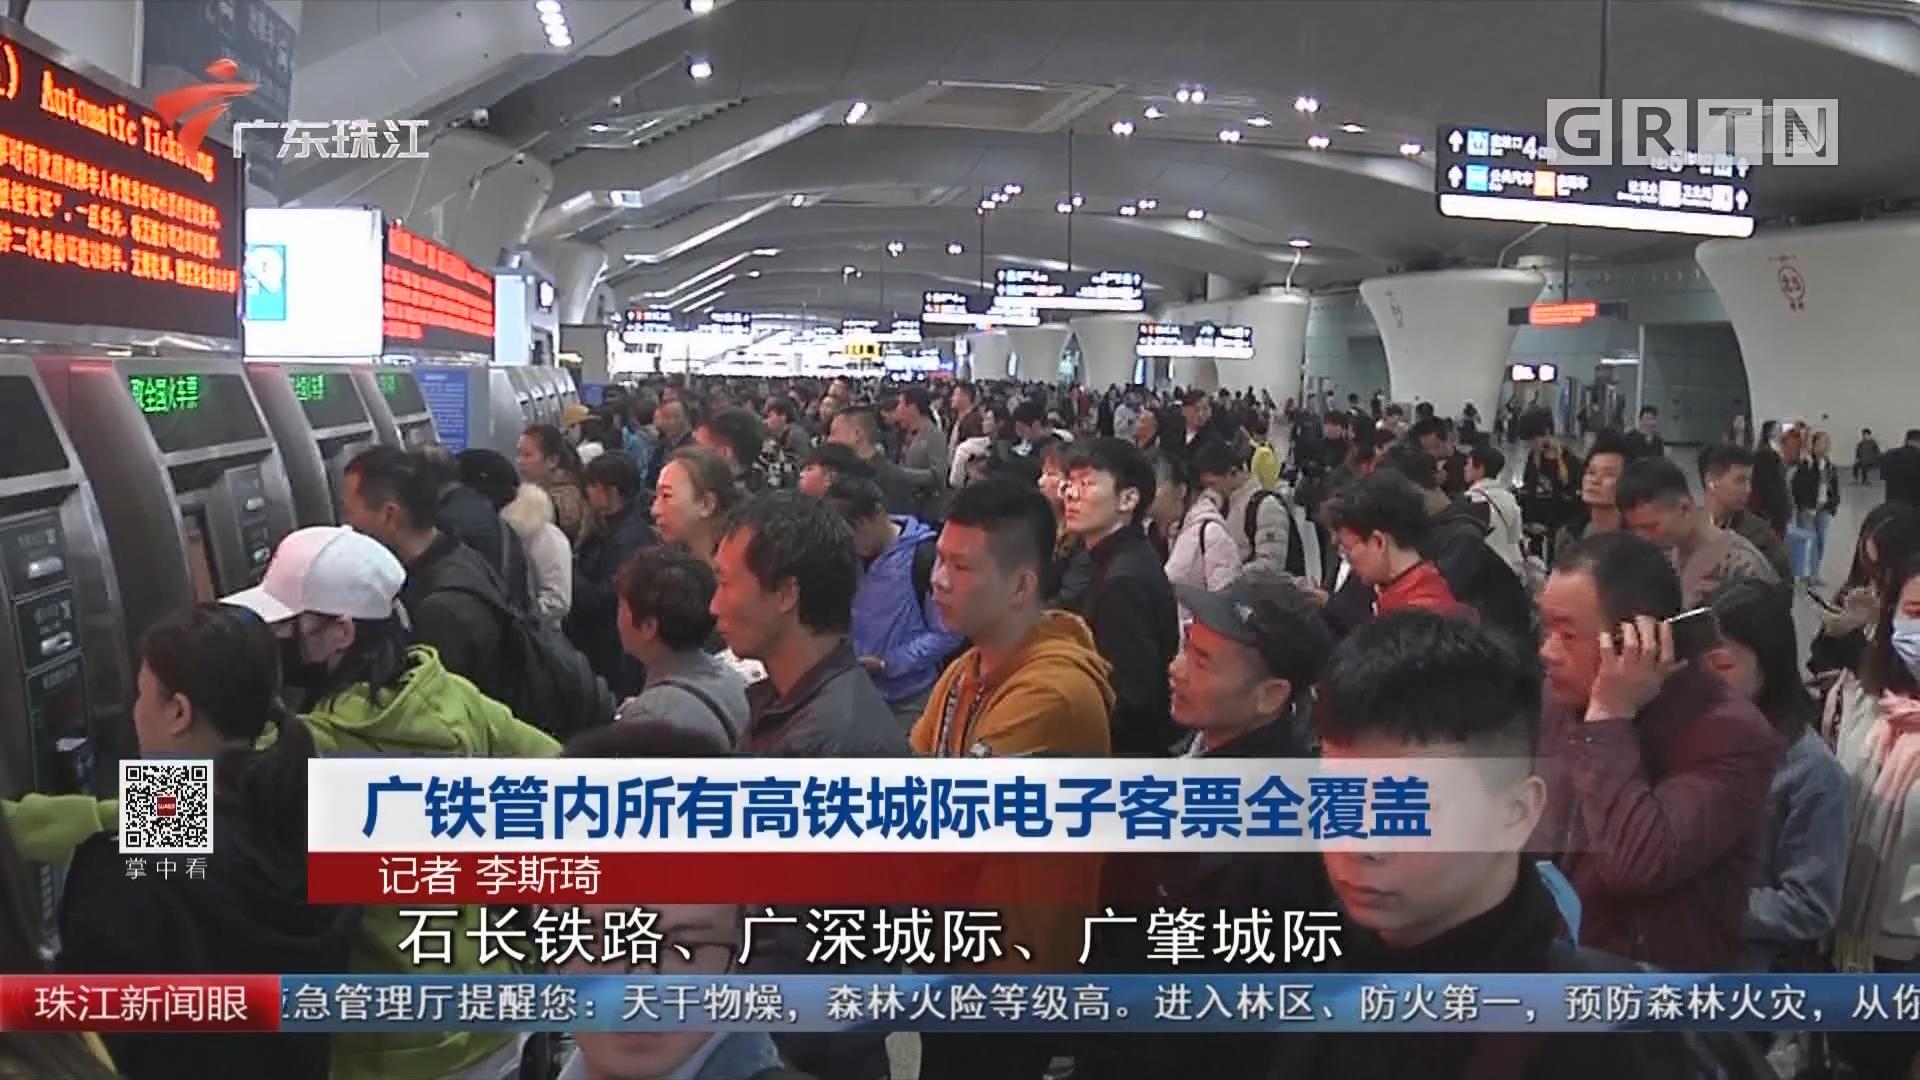 广铁管内所有高铁城际电子客票全覆盖